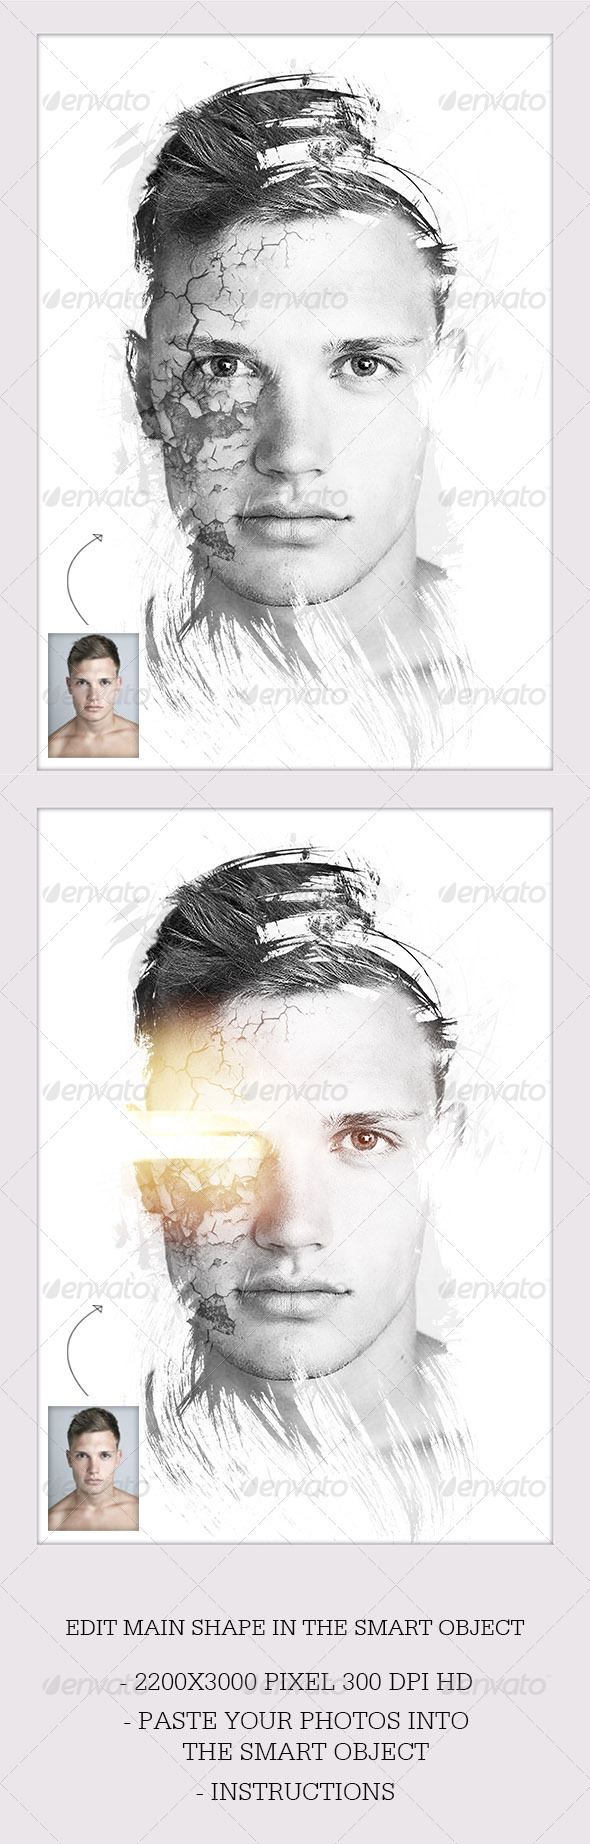 GraphicRiver Dream Photo Template Sci-Fi 6835096